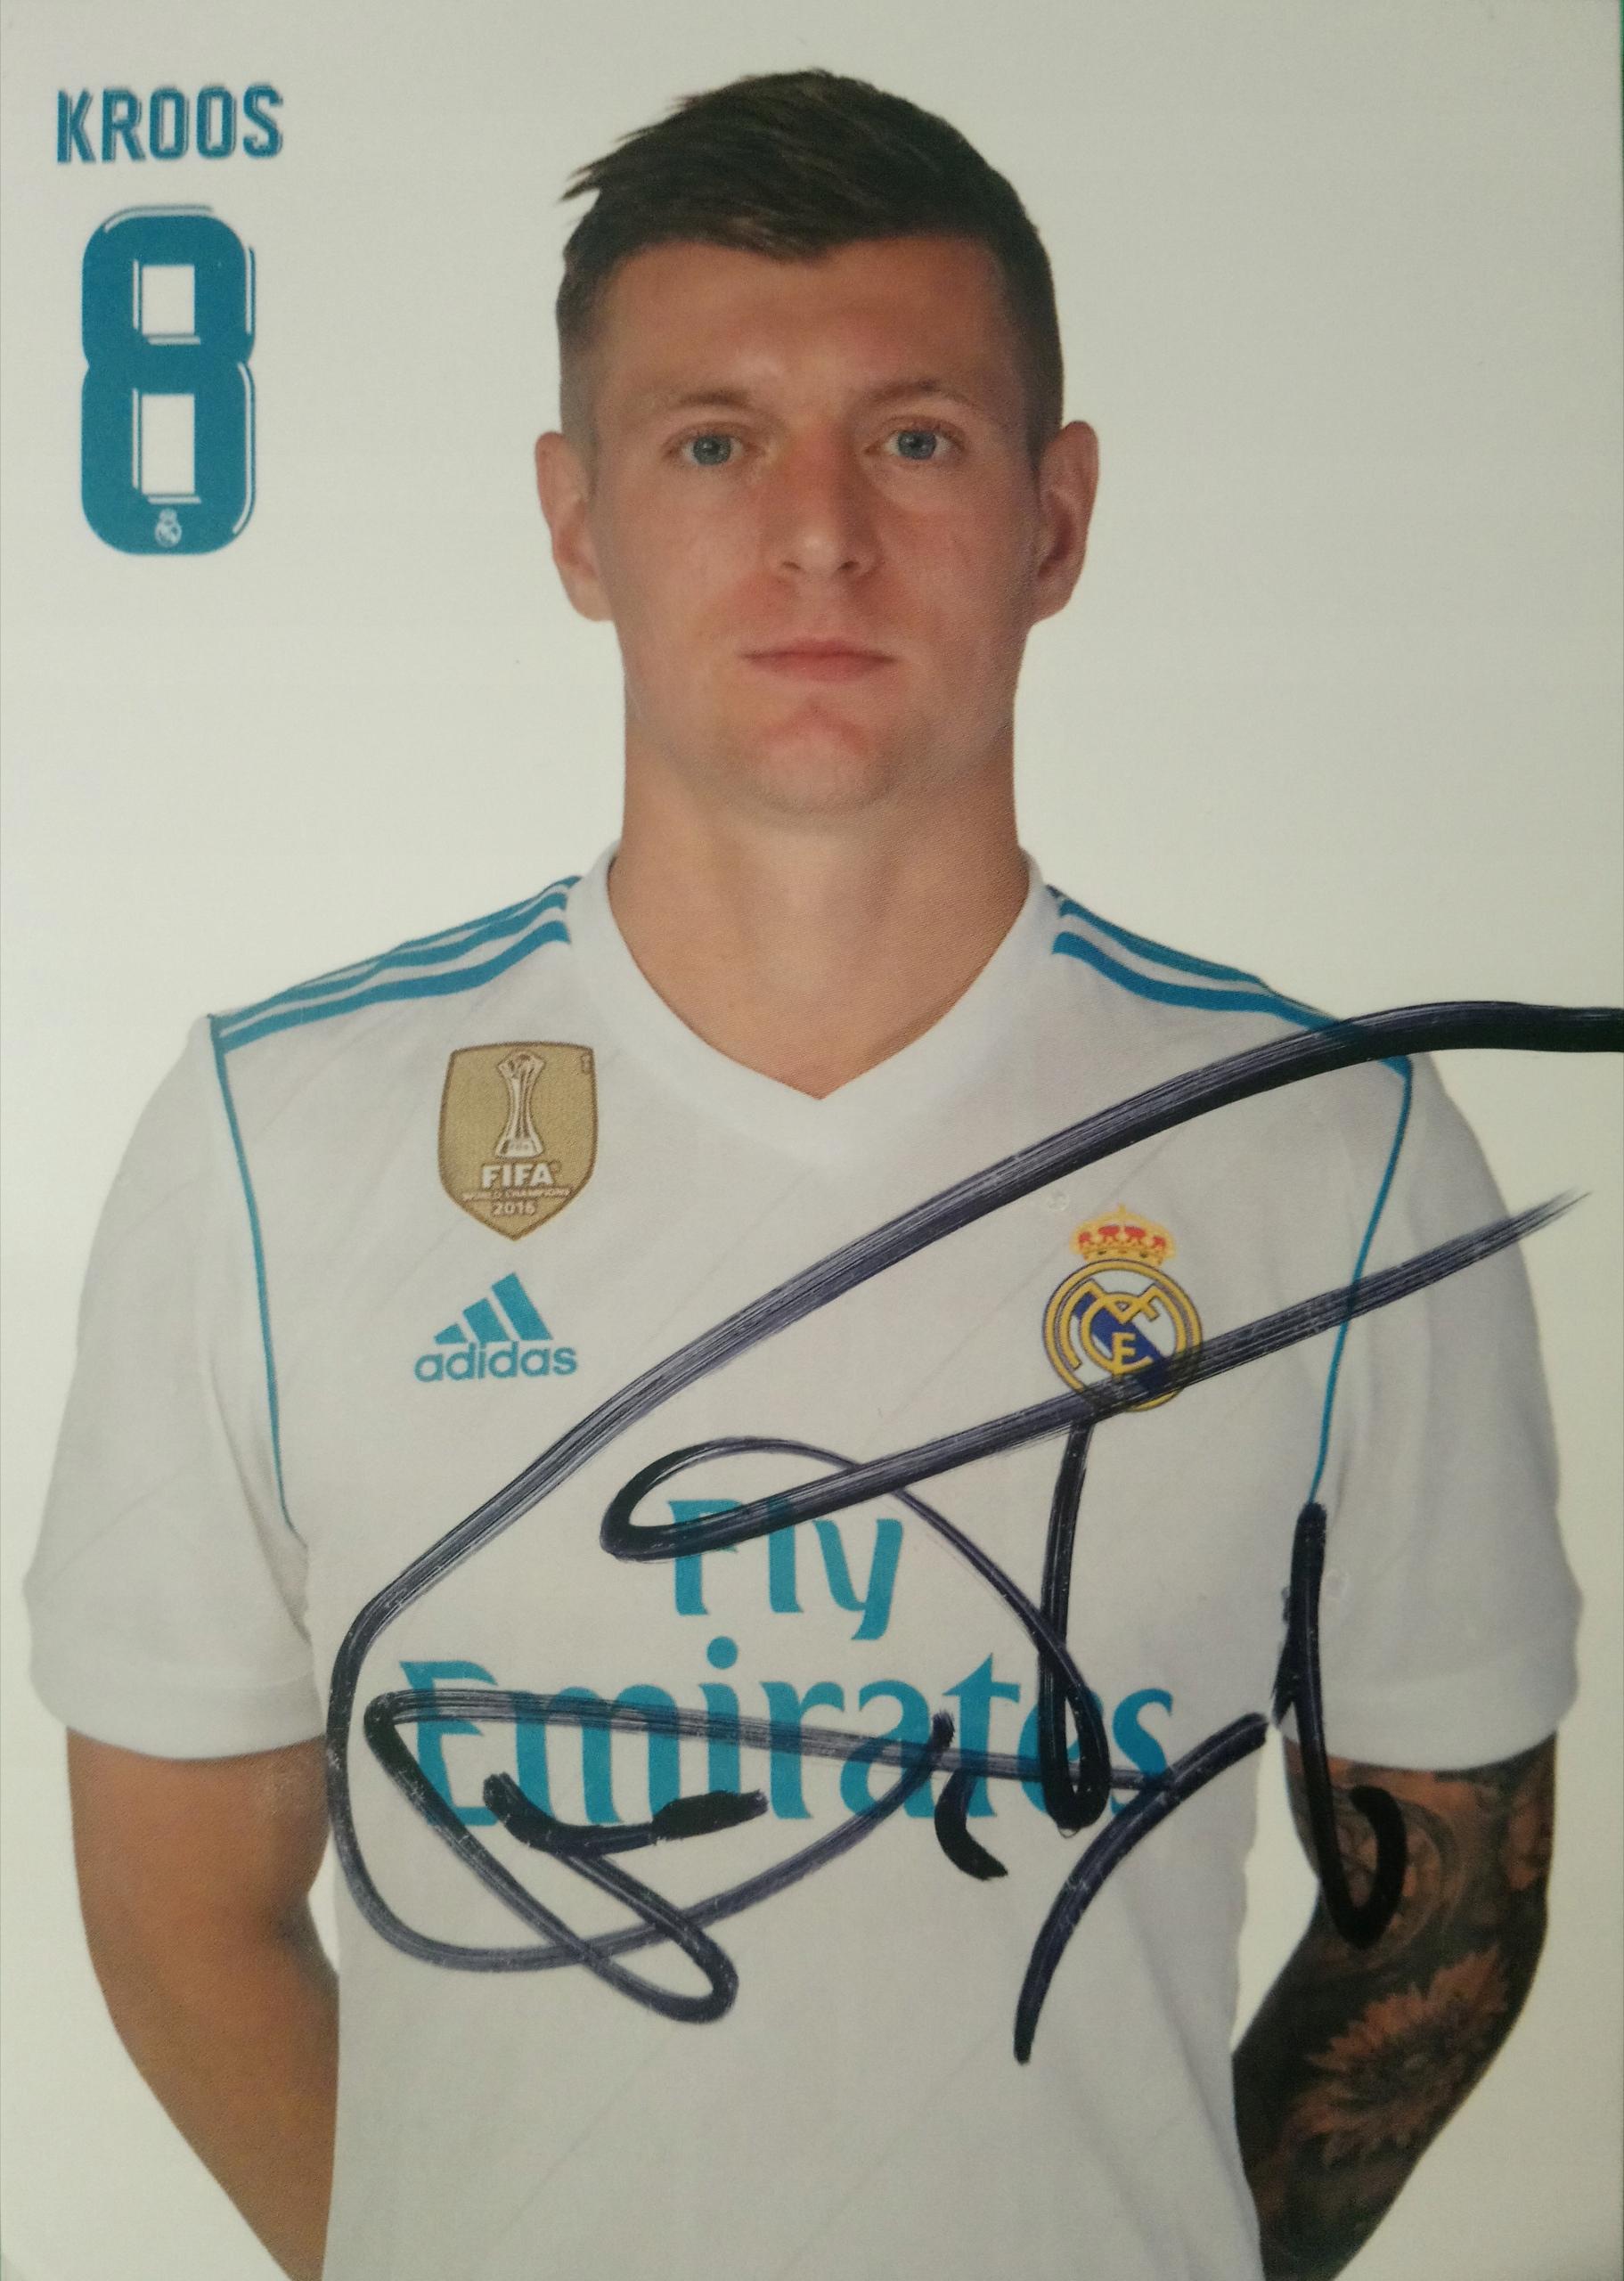 Autograf Toni Kroos Niemcy Real Madryt